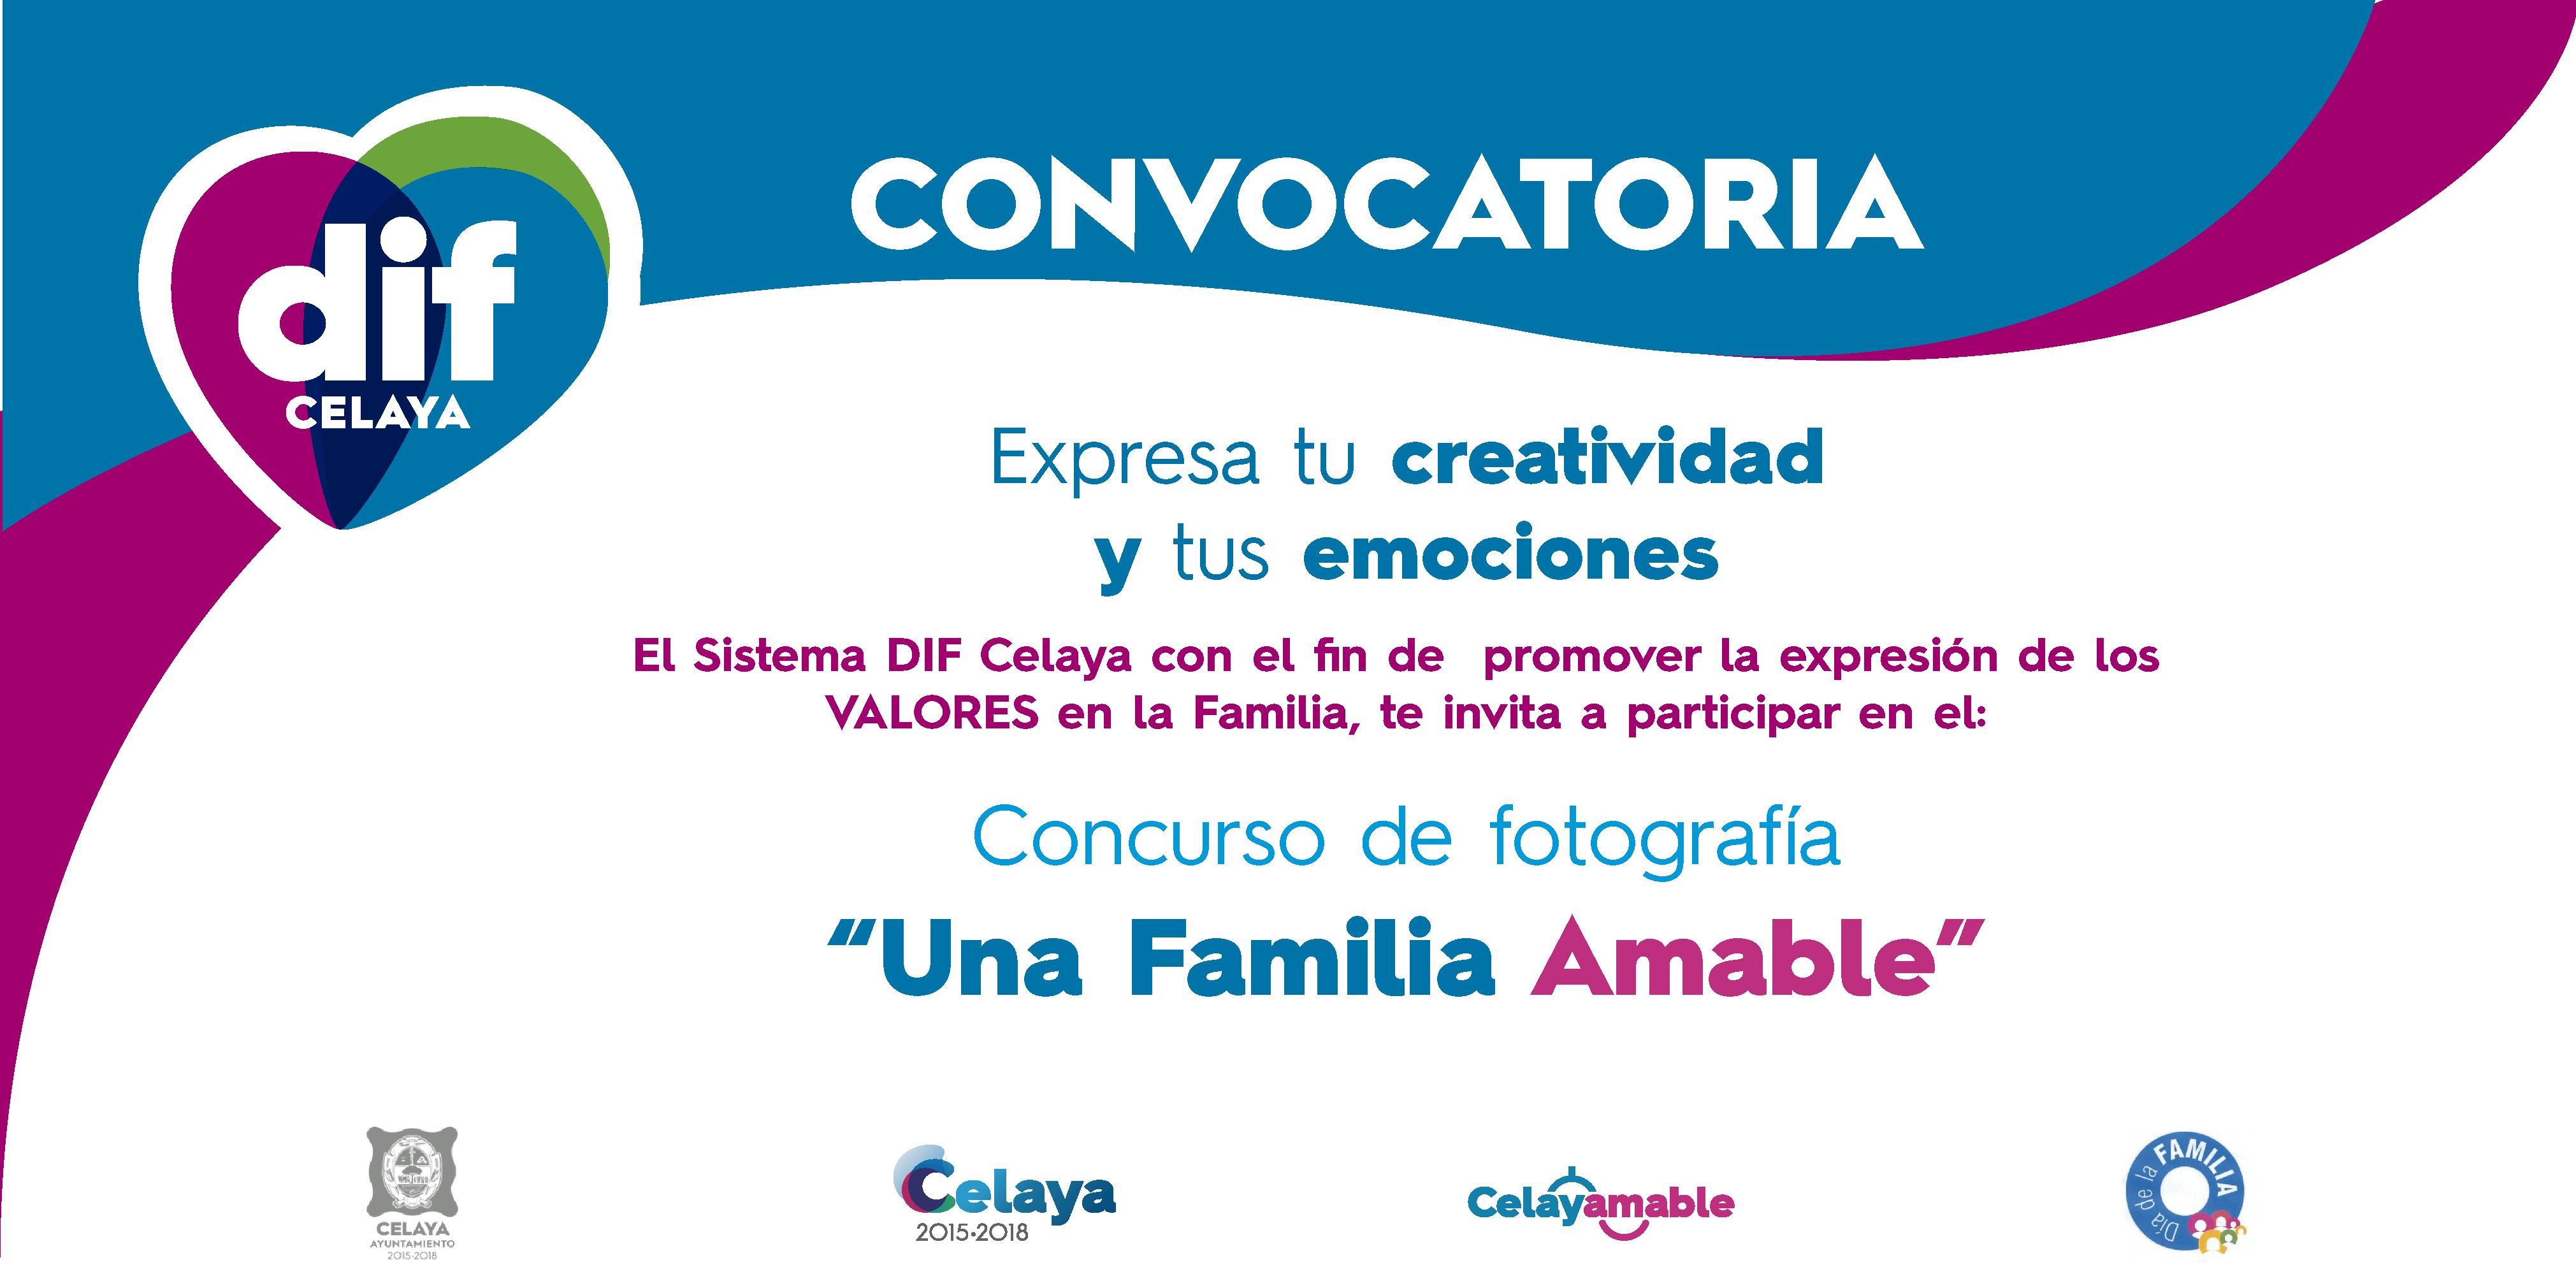 Concurso por el Día de la Familia